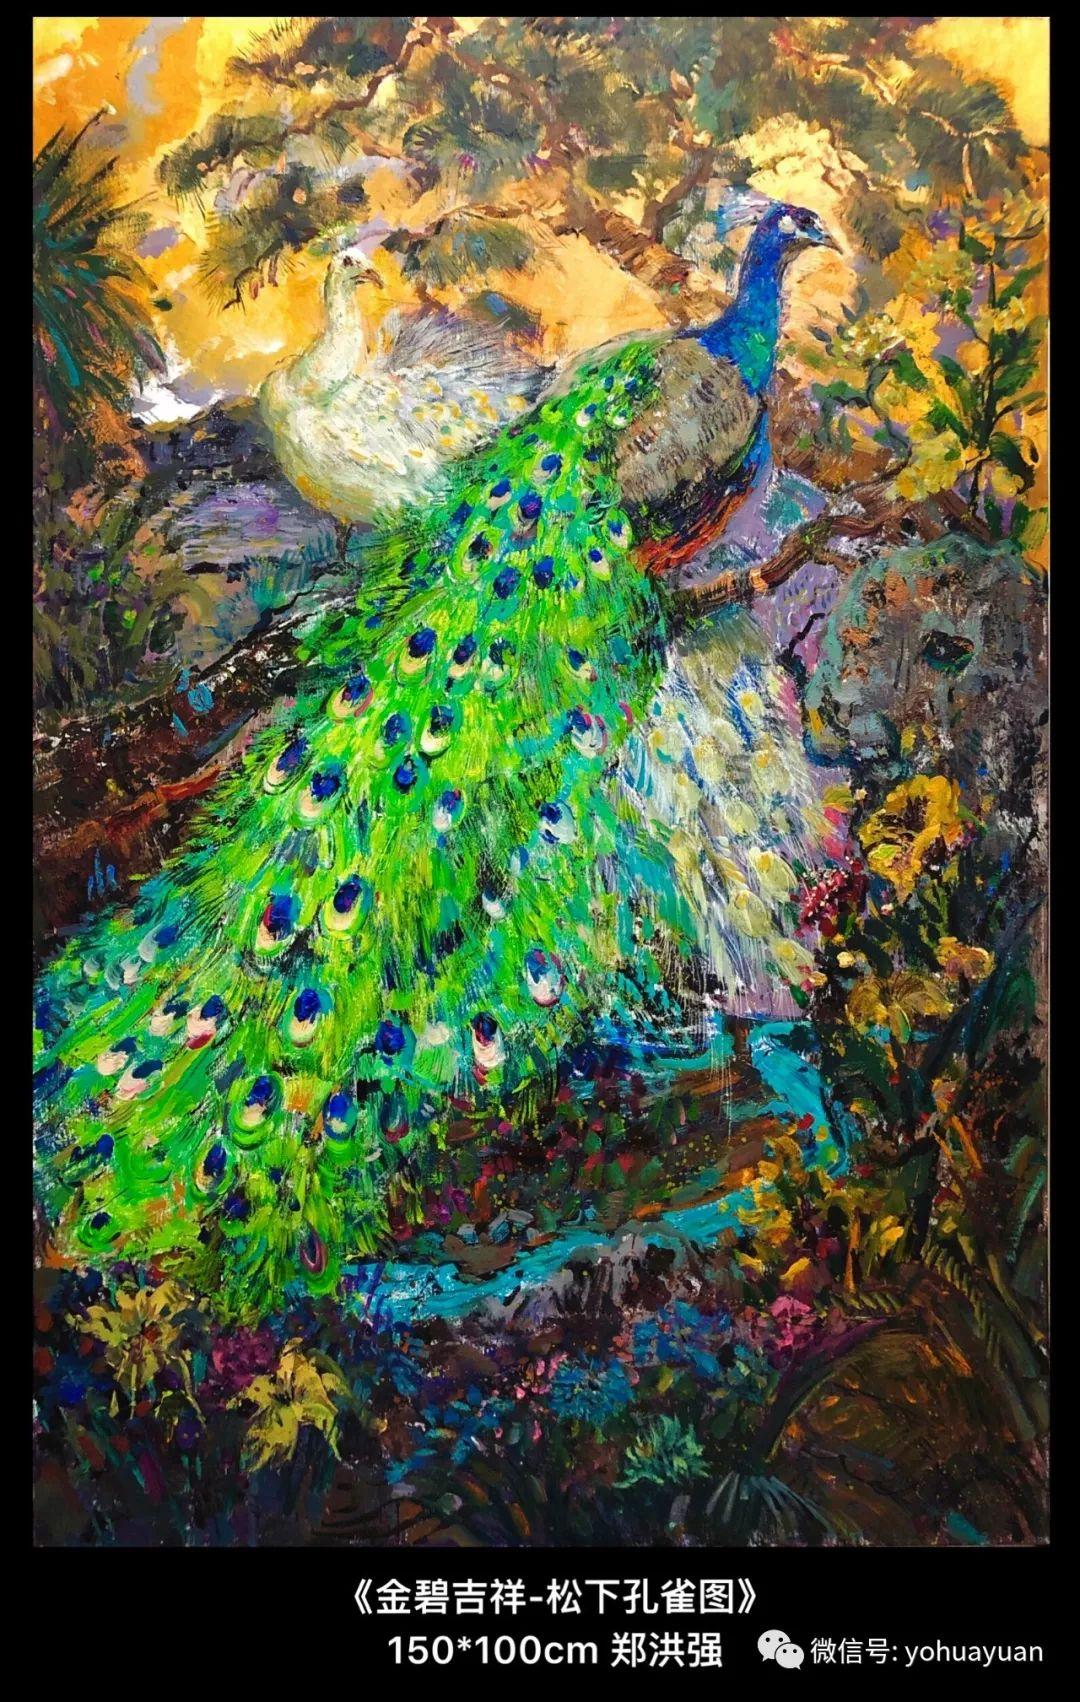 油画作品拍卖(内蒙古草原写生) 第29张 油画作品拍卖(内蒙古草原写生) 蒙古画廊